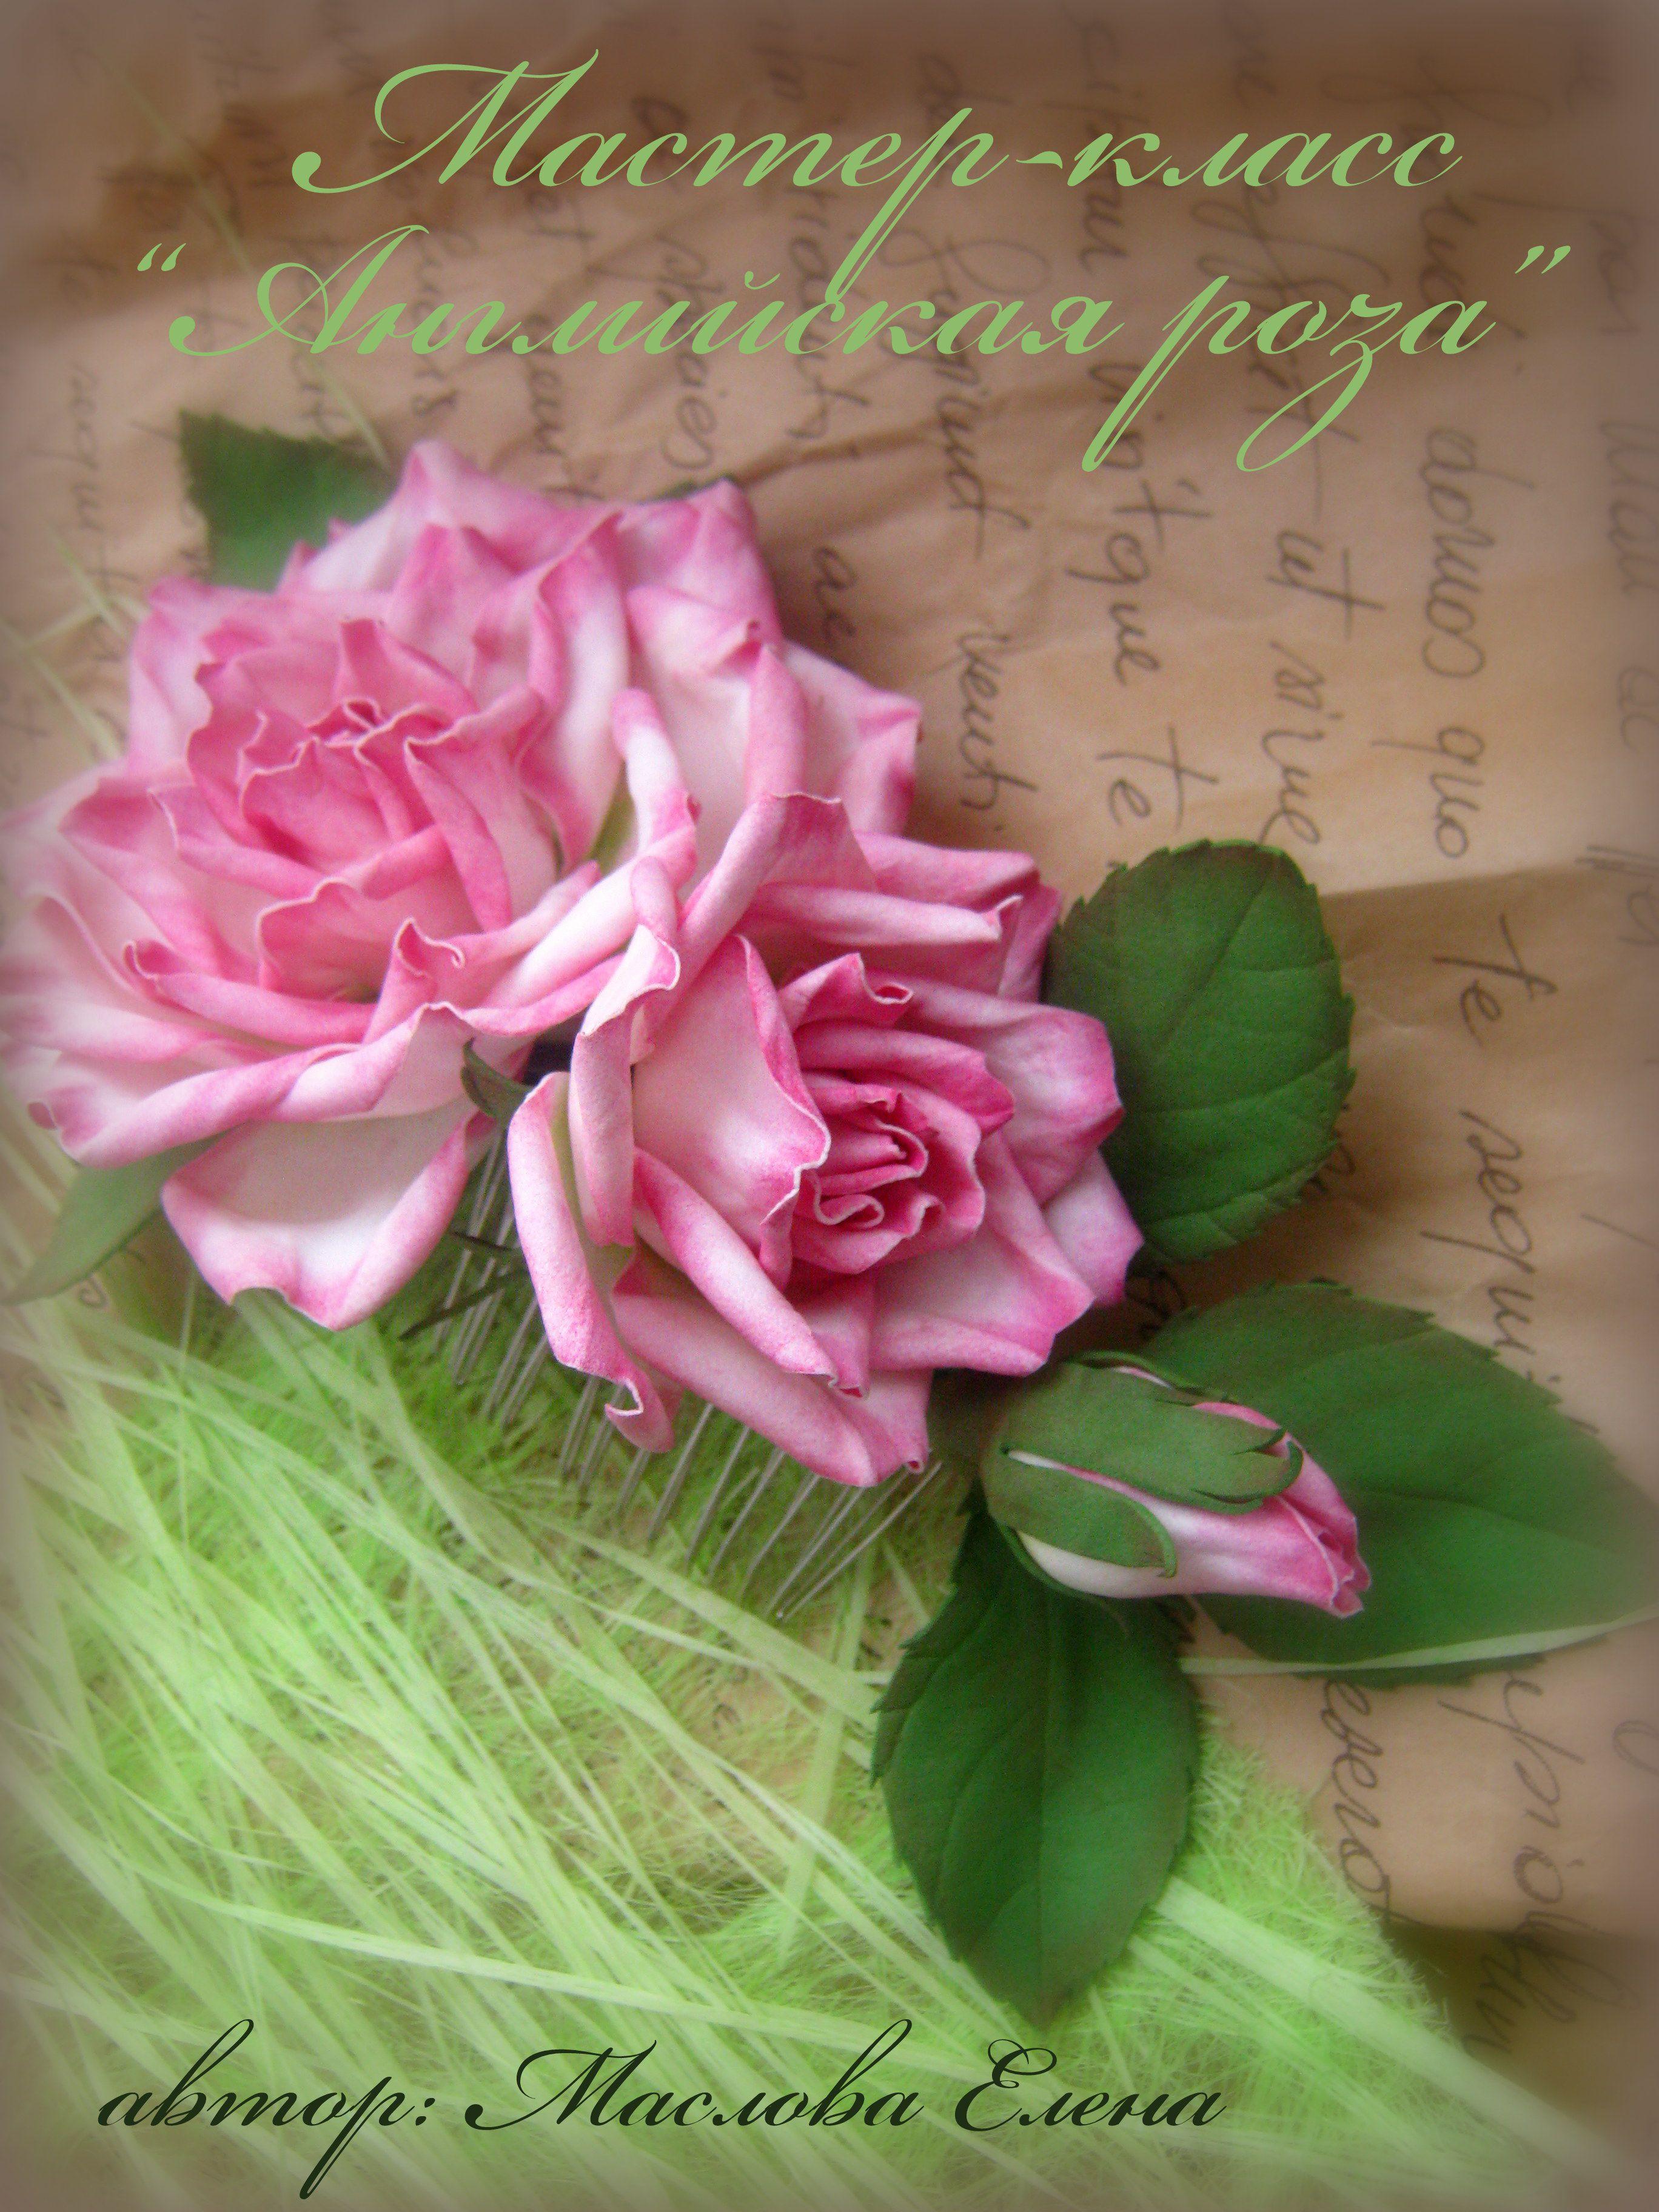 фоамирана работы ручной бледнорозовый видео эва мастерклийская волосласс анг мастеркласс фоамиран гребень для из фом роза